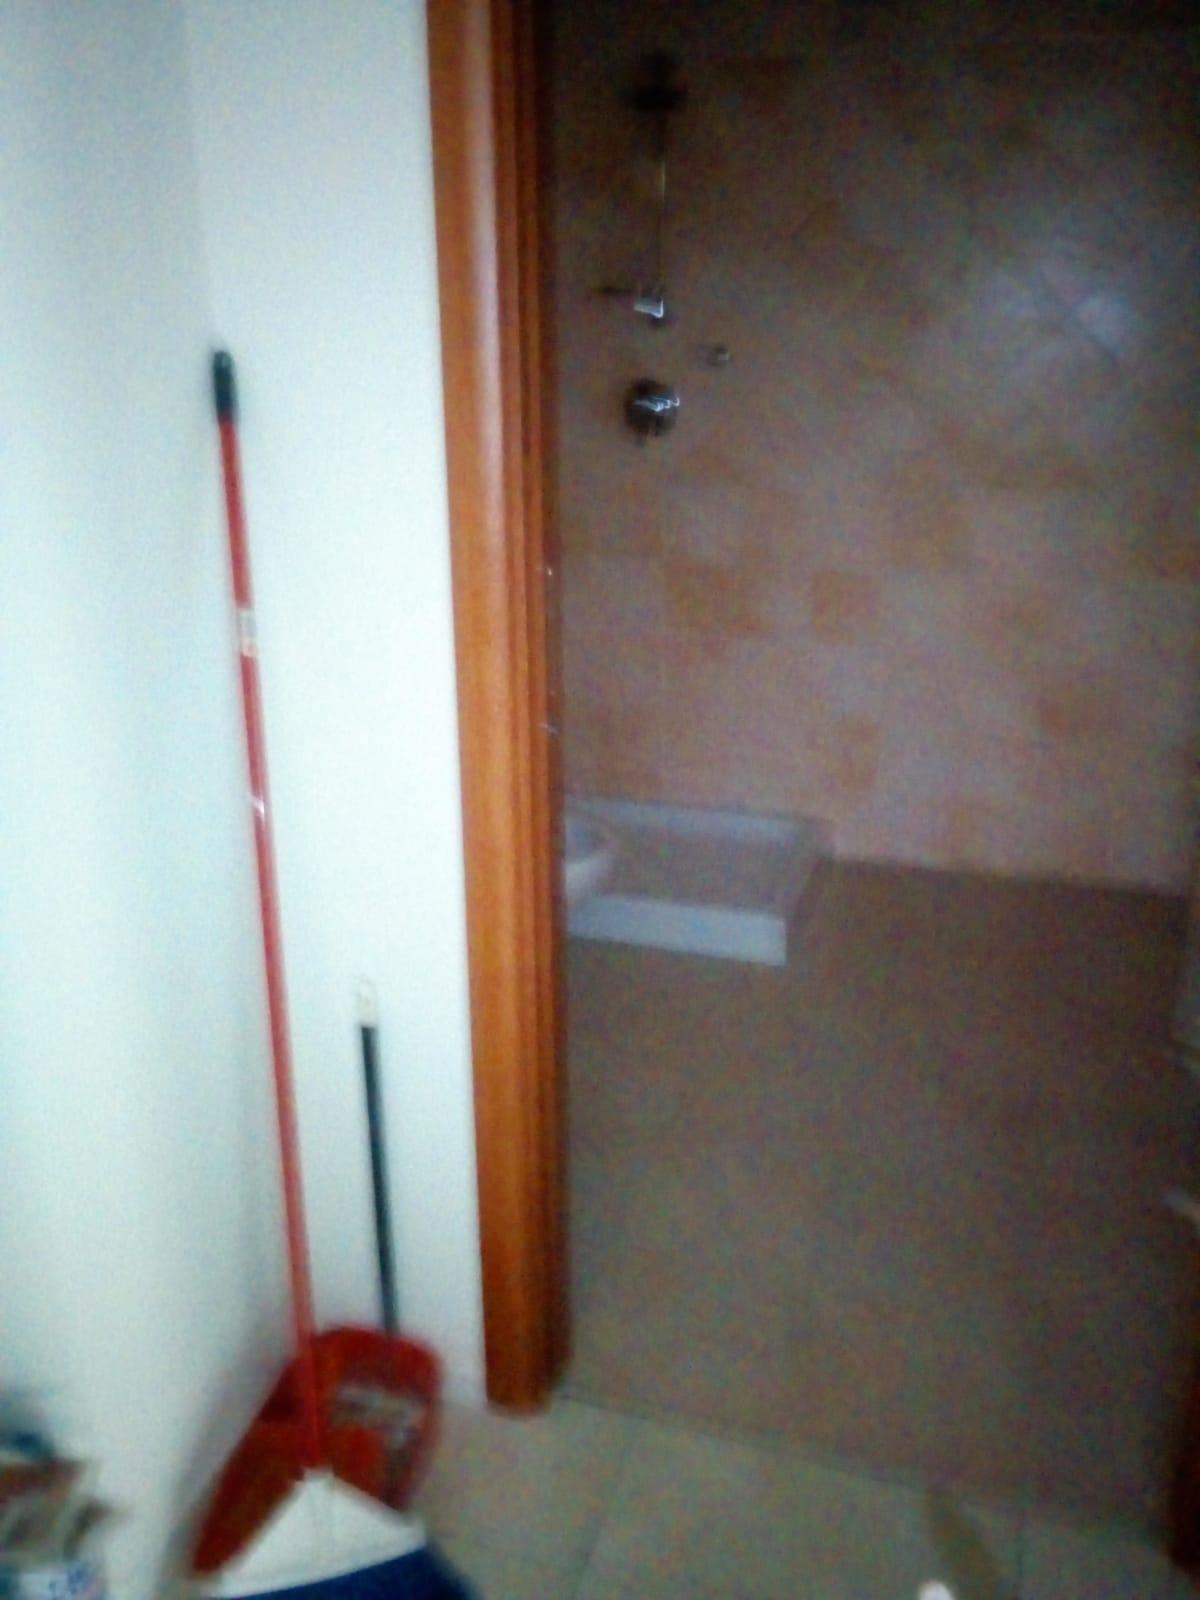 Appartamento in affitto a Castel Bolognese, 2 locali, zona Località: CastelBolognese, prezzo € 105.000 | CambioCasa.it